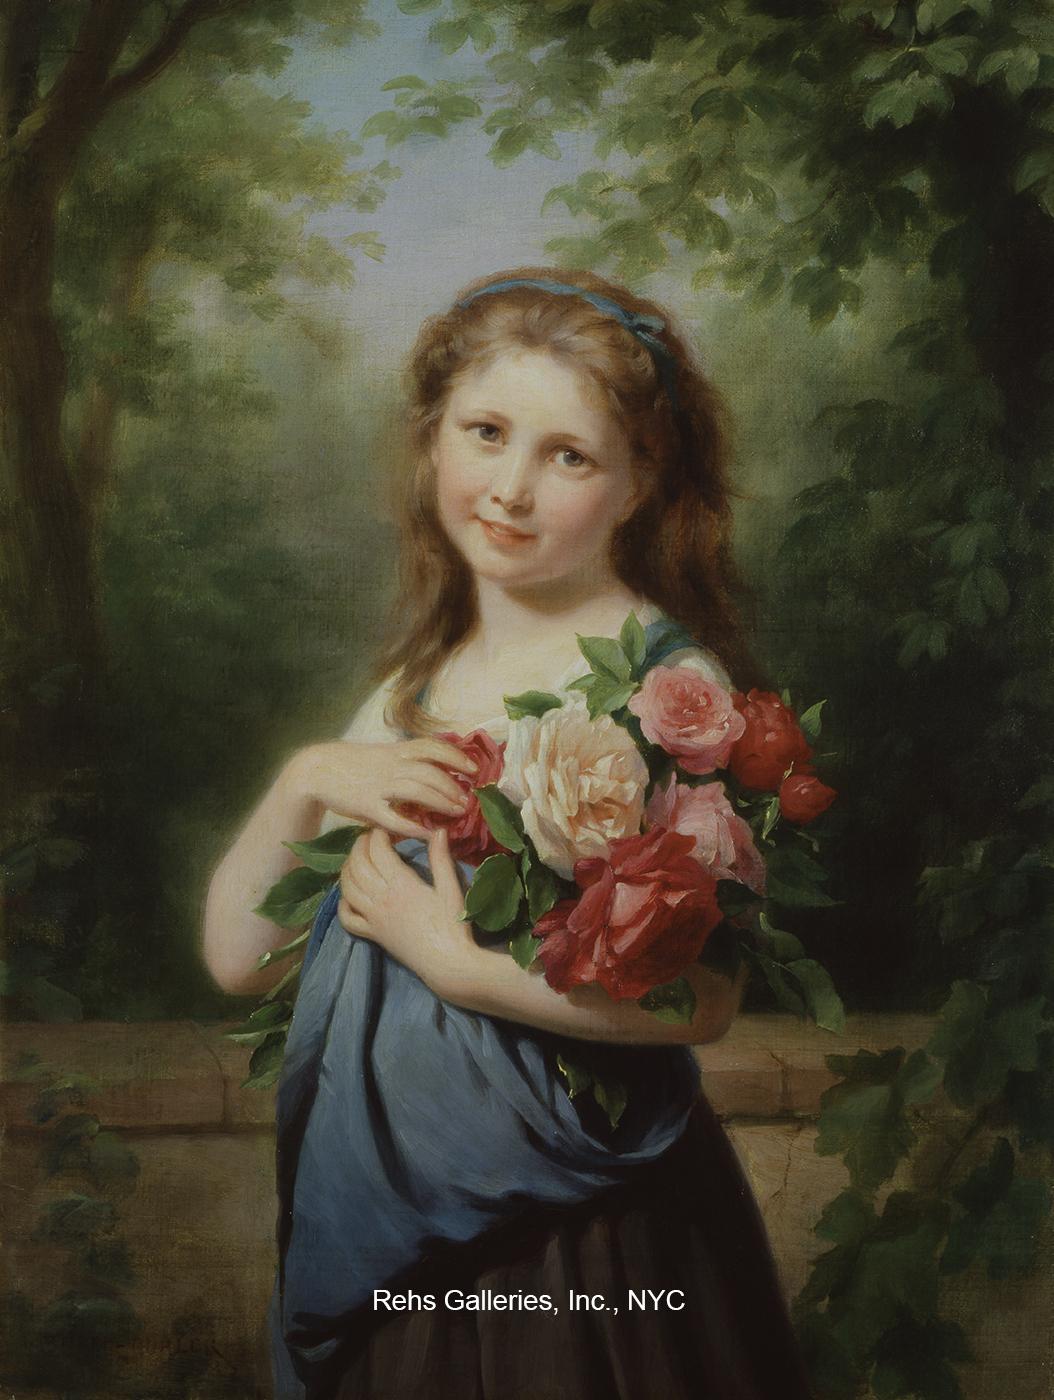 fritz_zuber_buhler_b1268_the_flower_gatherer_wm.jpg